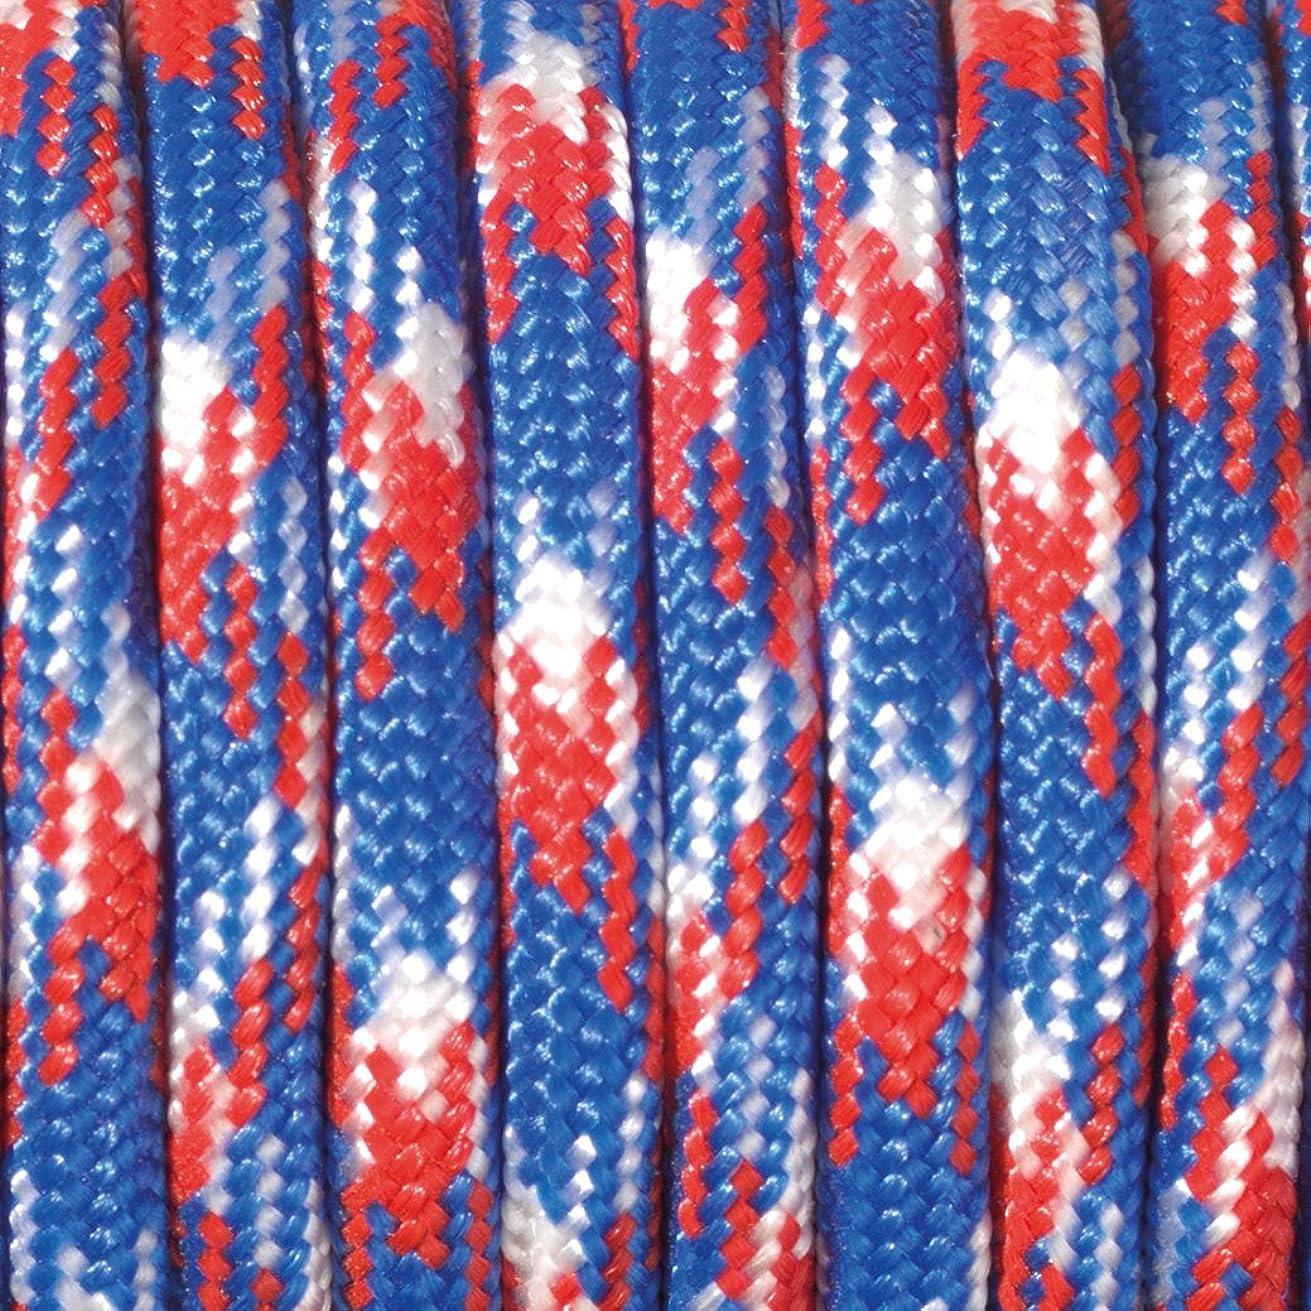 Efco Paracord Colour Mix 550 4 mm x 4 m 1 pc. red Blue White, Polyester Blend, 20 x 10 x 5 cm